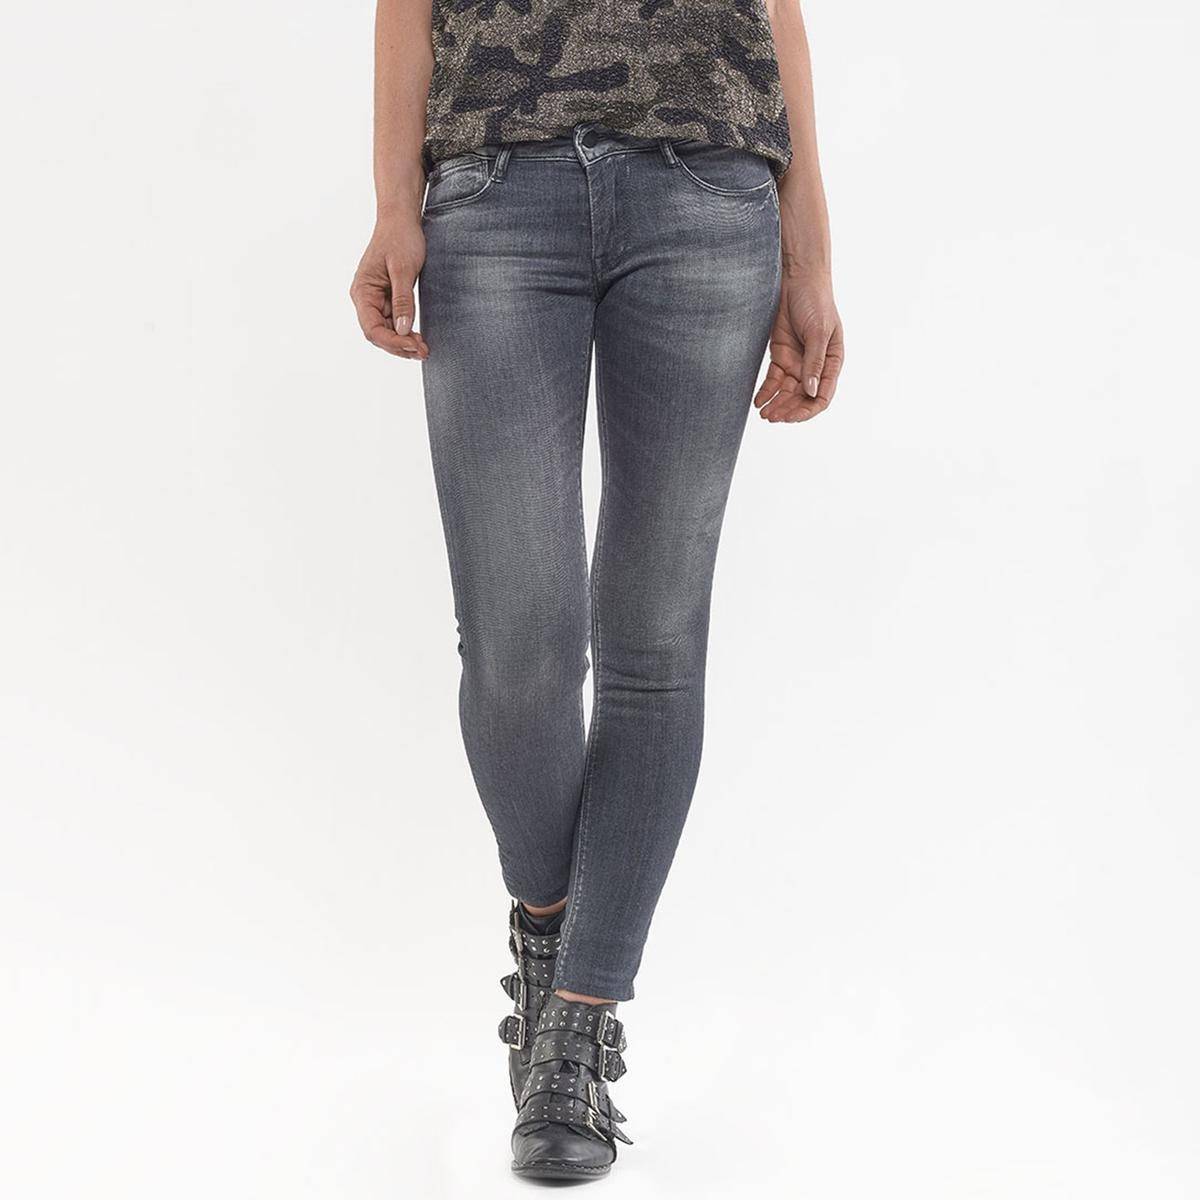 Джинсы La Redoute Узкие 31 (US) - 46/48 (RUS) серый джинсы la redoute узкие wilda 26 us 42 rus черный